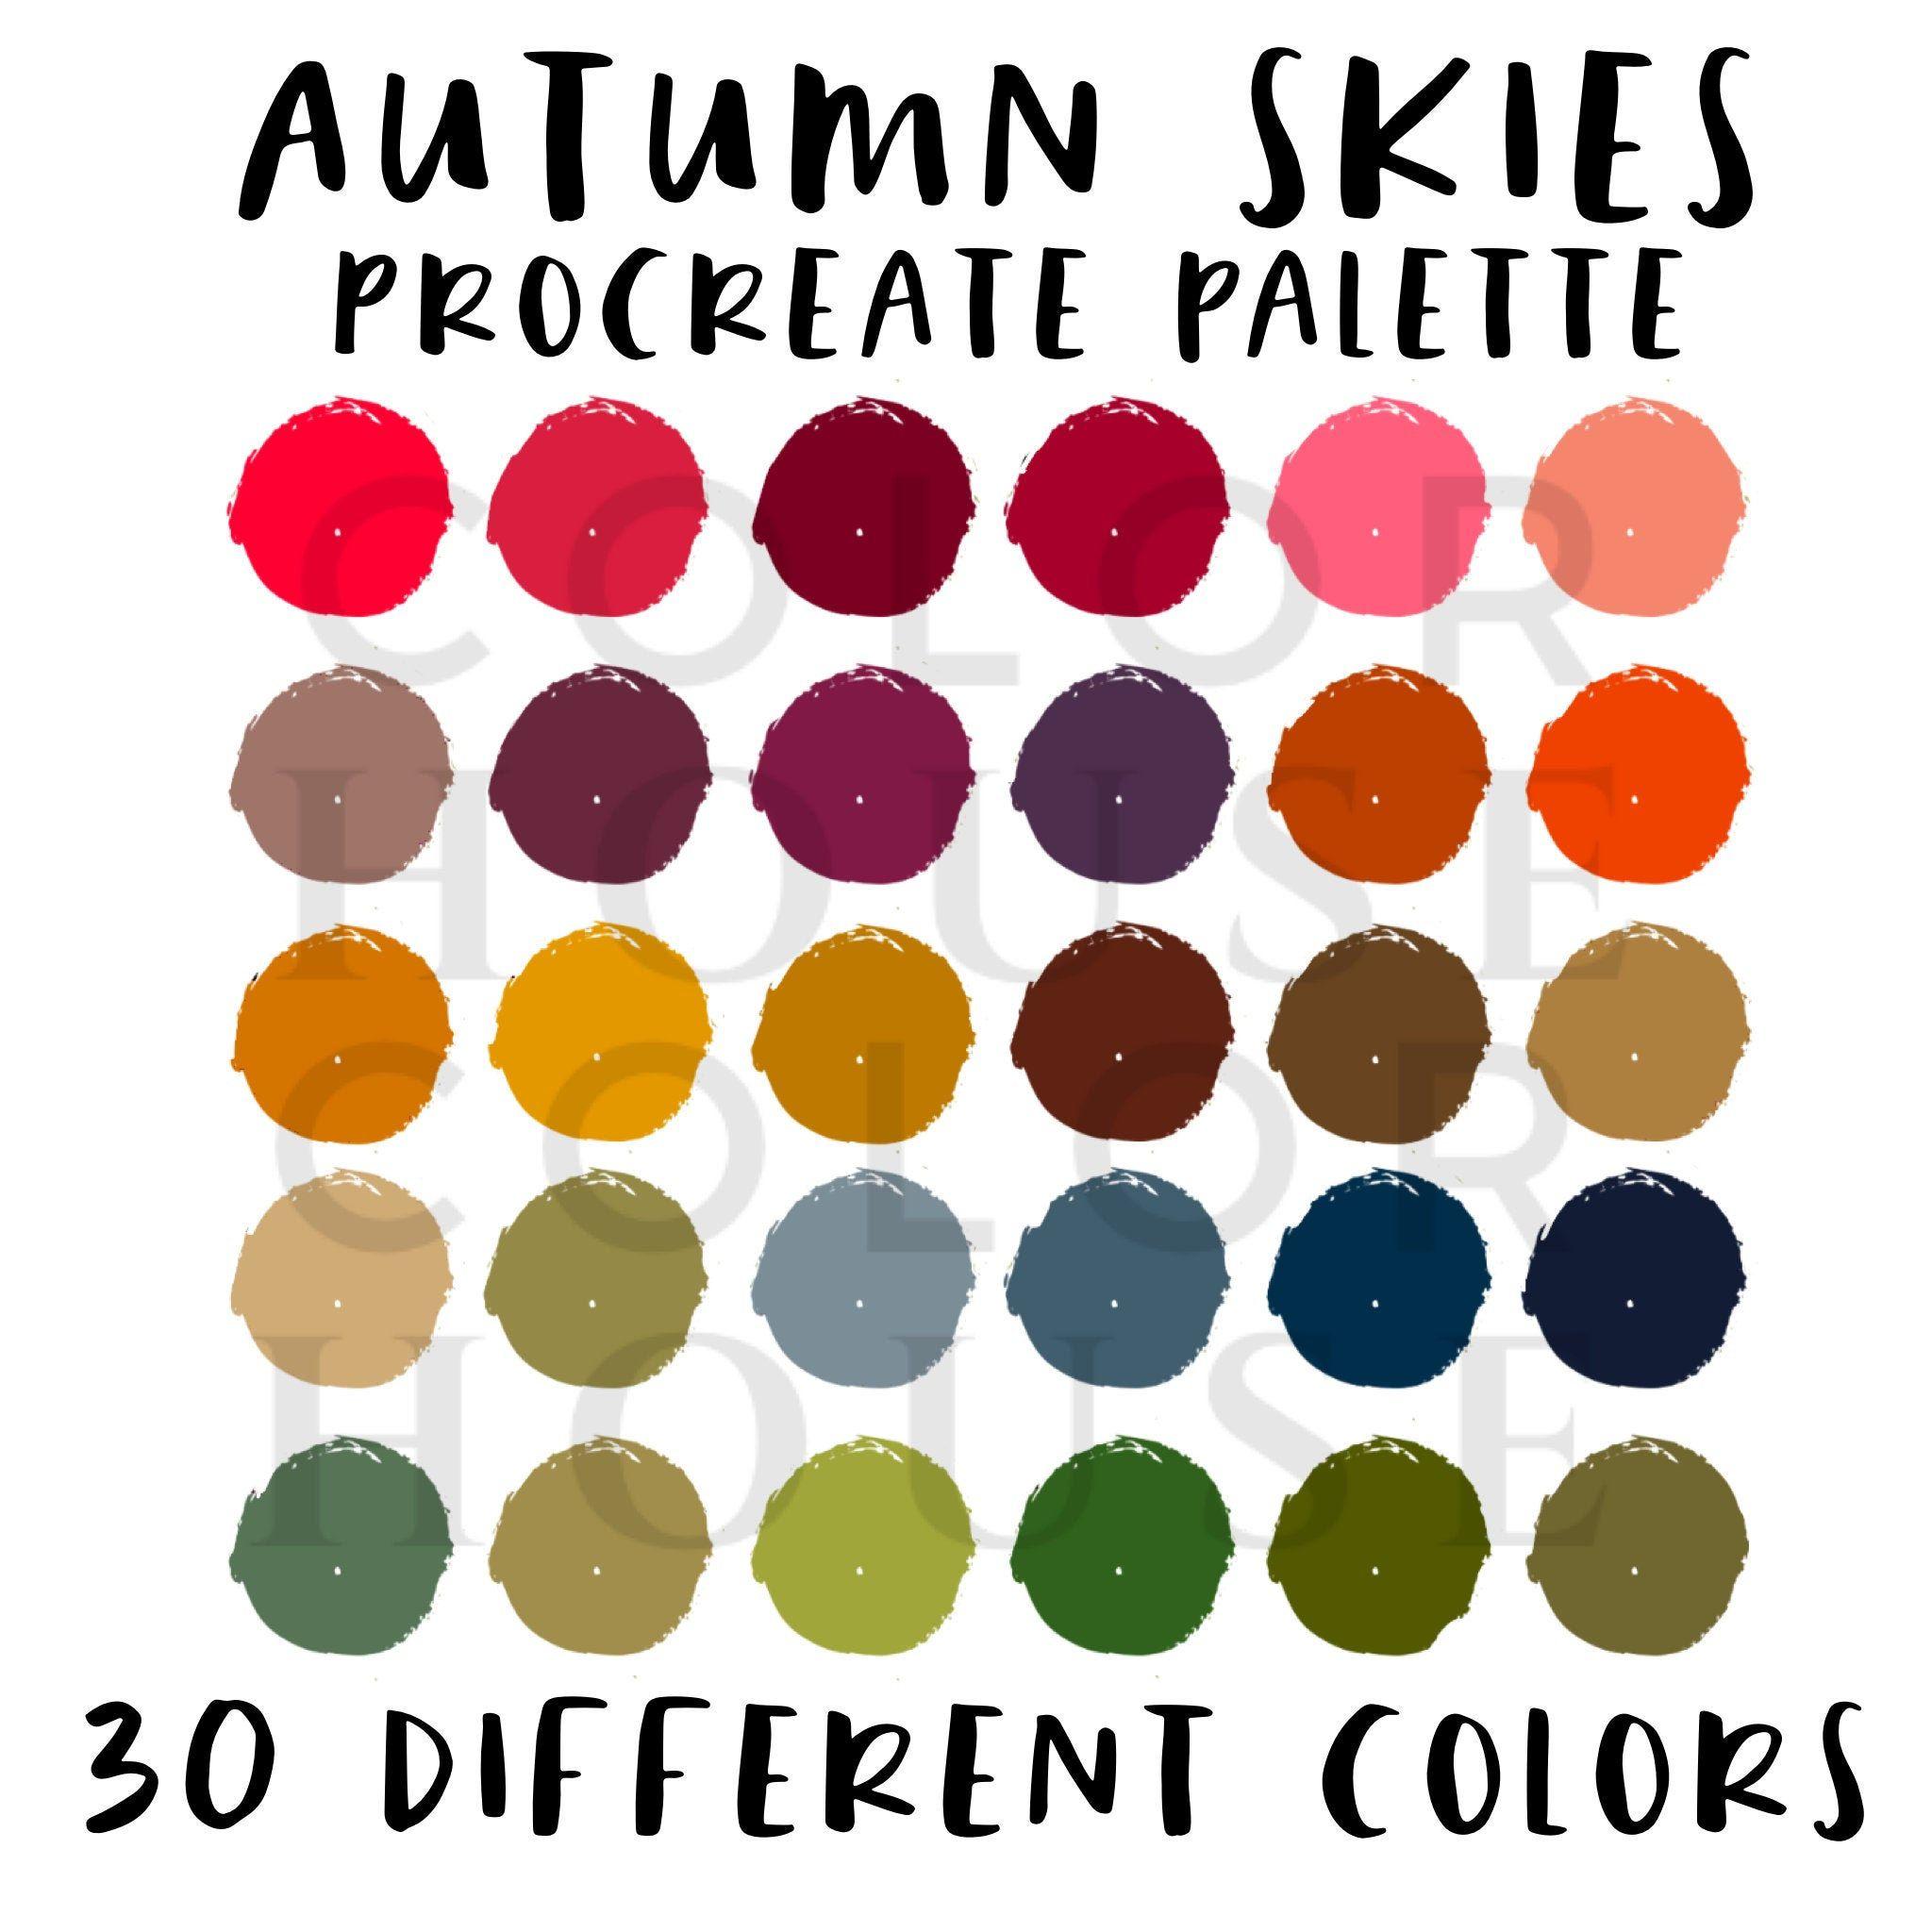 Autumn Skies Procreate Color Palette